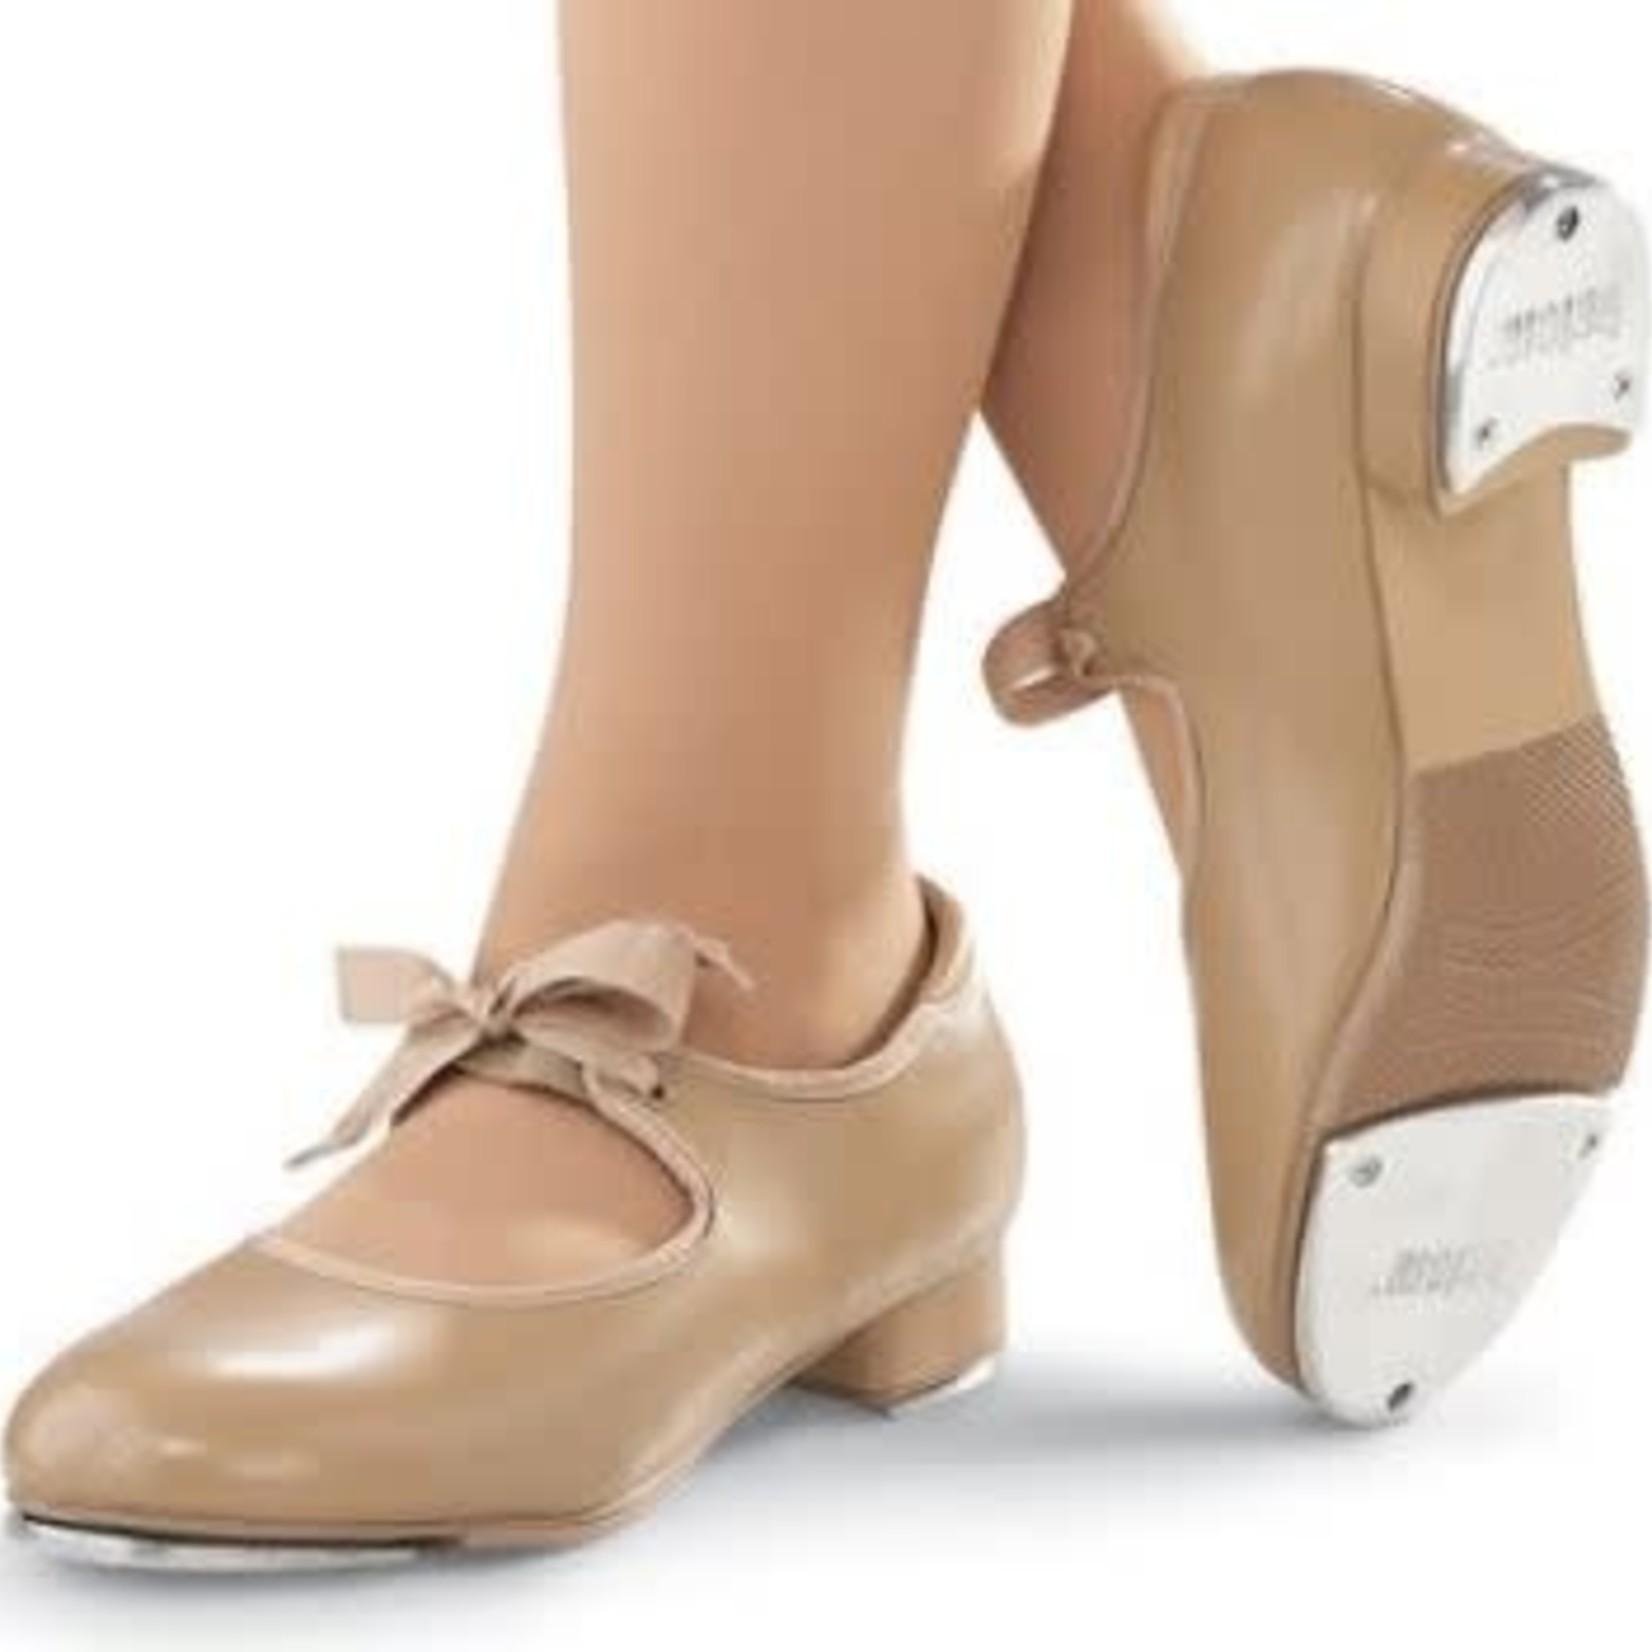 Balera Balera B60 Tie Tap Shoe